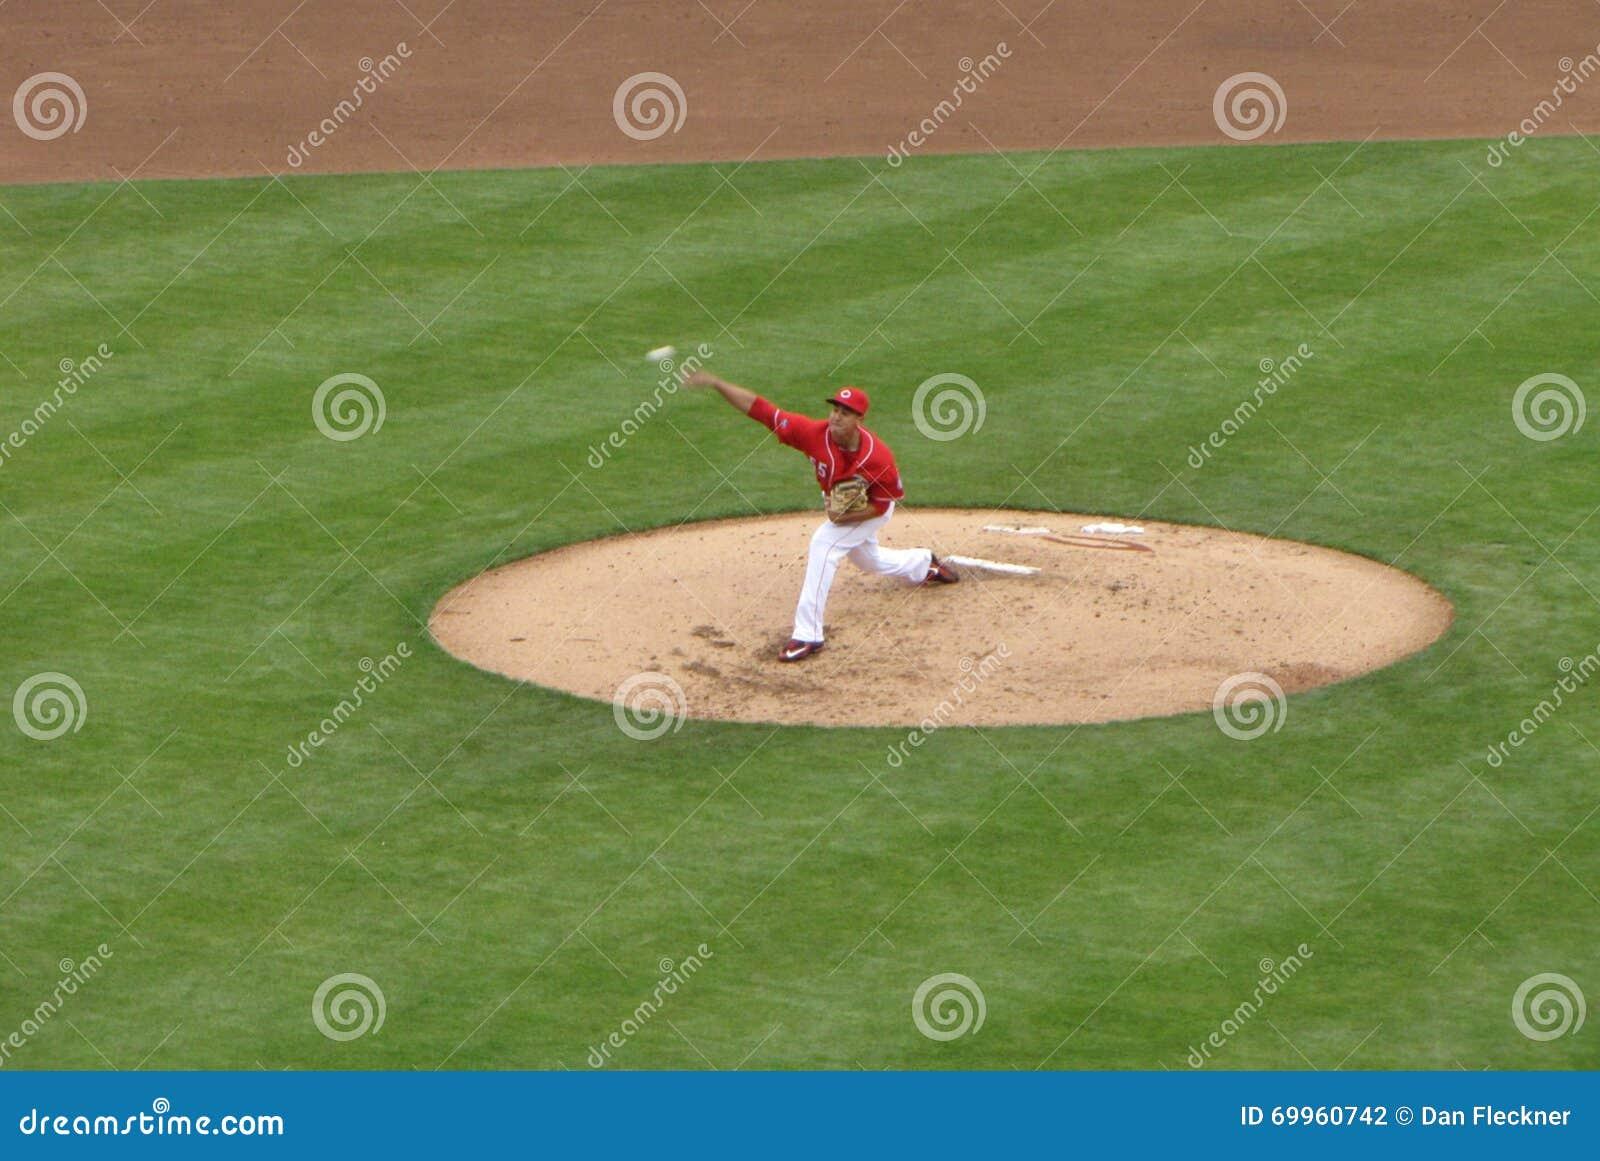 Robert Stephenson fa il suo Major League Baseball Debut